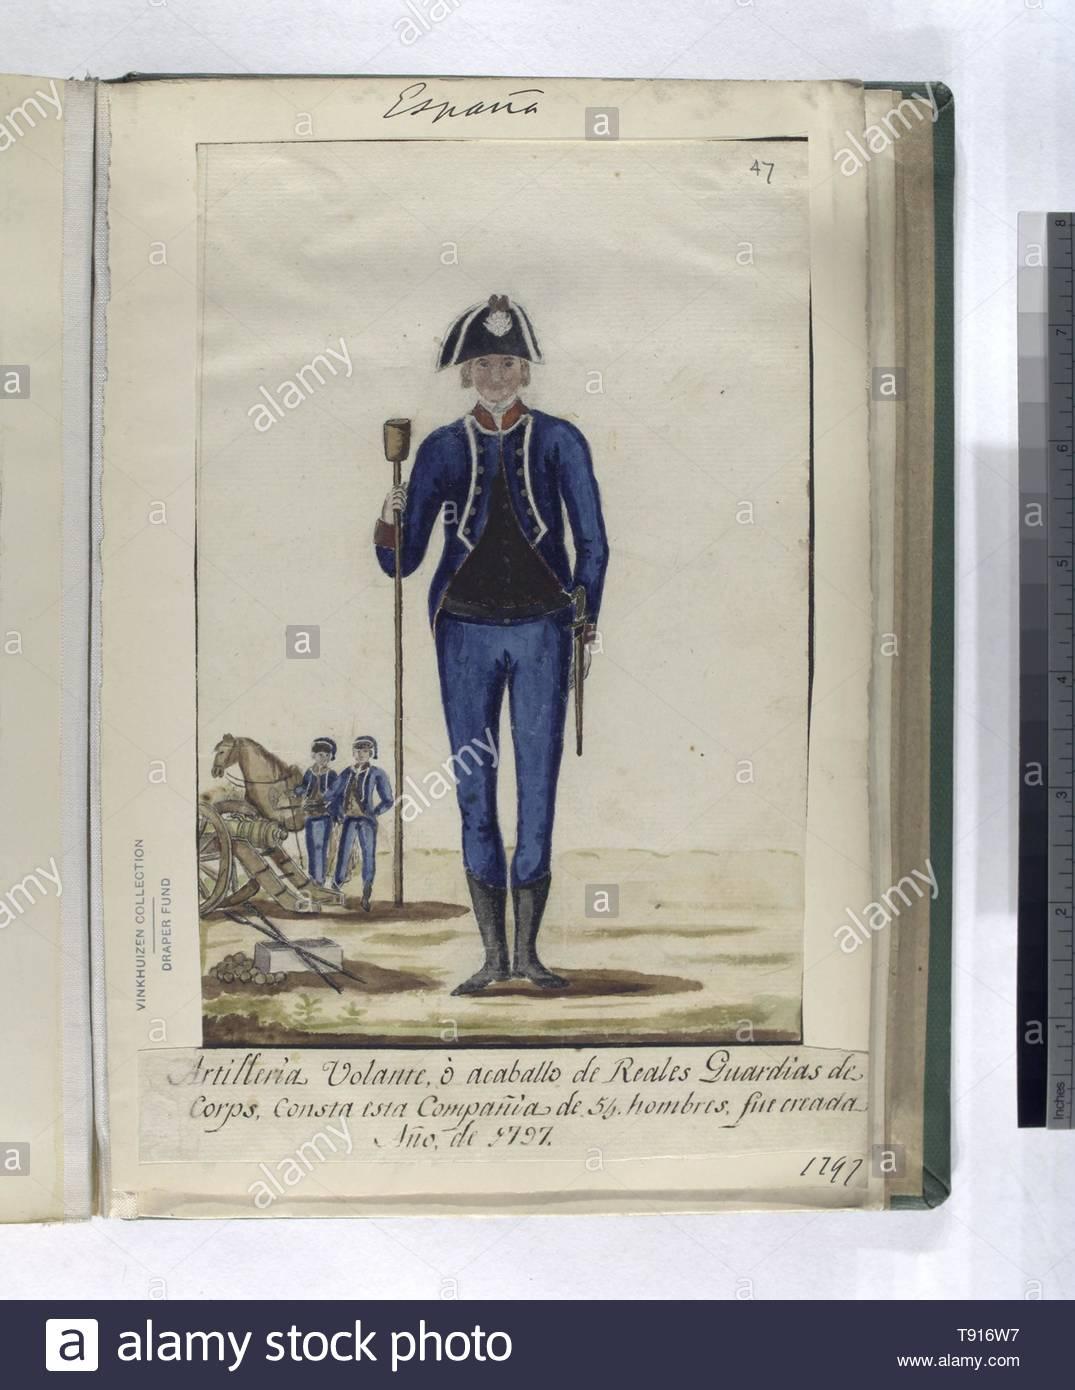 Anonymous-Artilleria Volante, ó acaballo de Reales Guardias de Corps  Consta esta Compañia de 54 hombres, fue creada Año, de 1797 (1797) - Stock Image